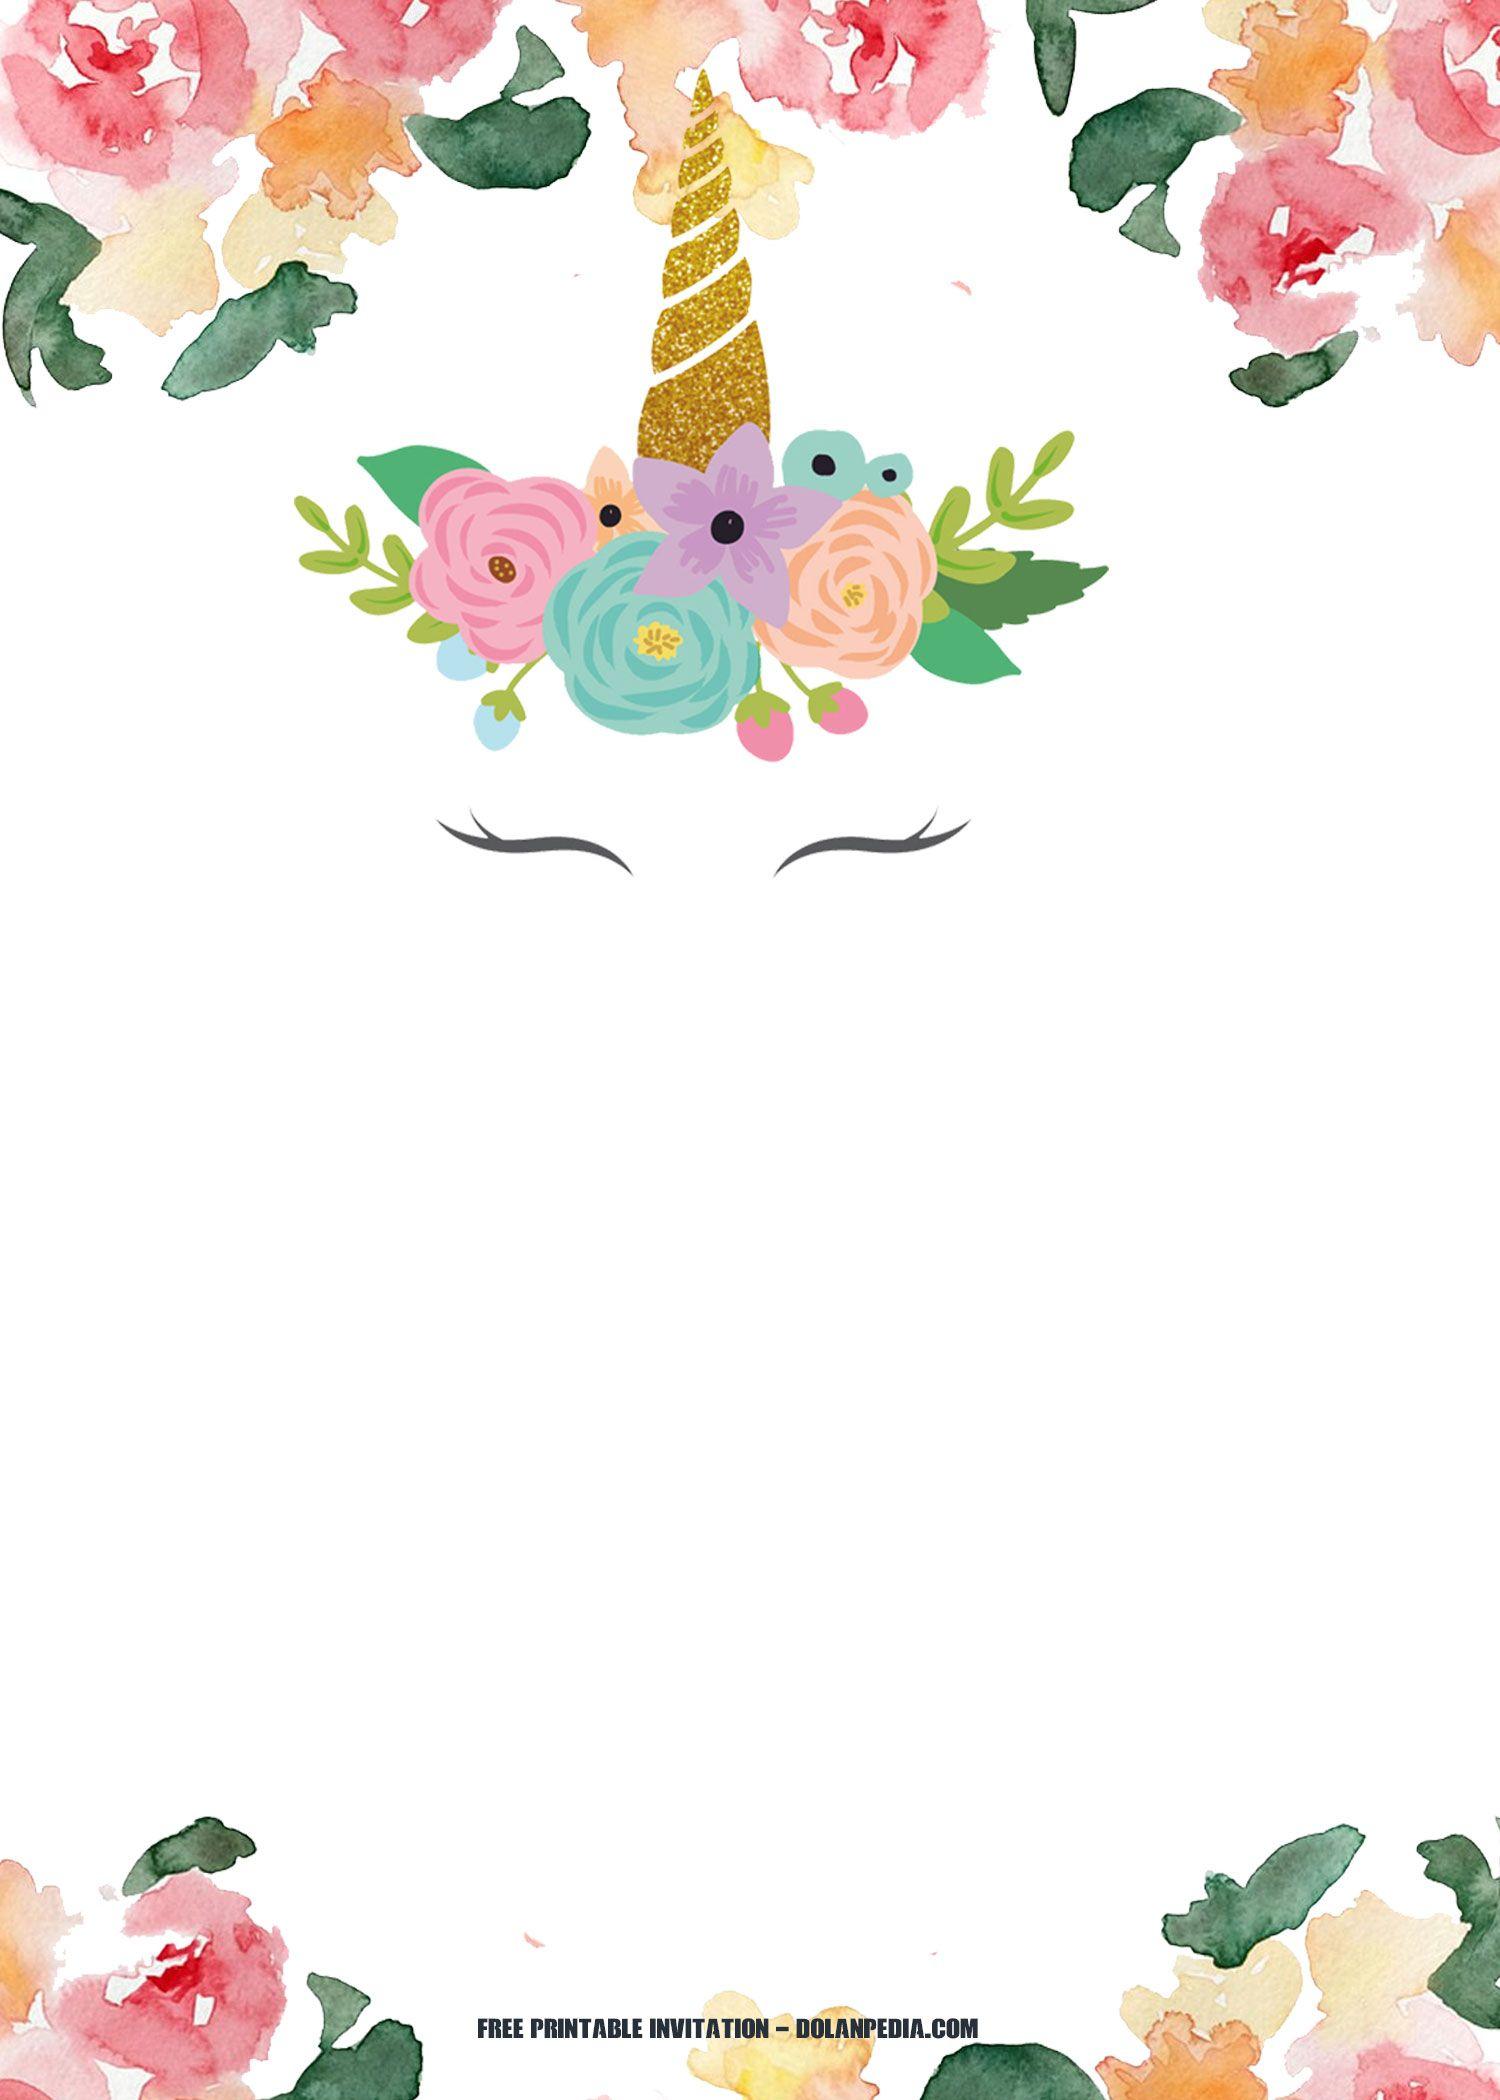 Free Printable Unicorn Rainbow Invitation | Free Printable - Free Printable Unicorn Invitations